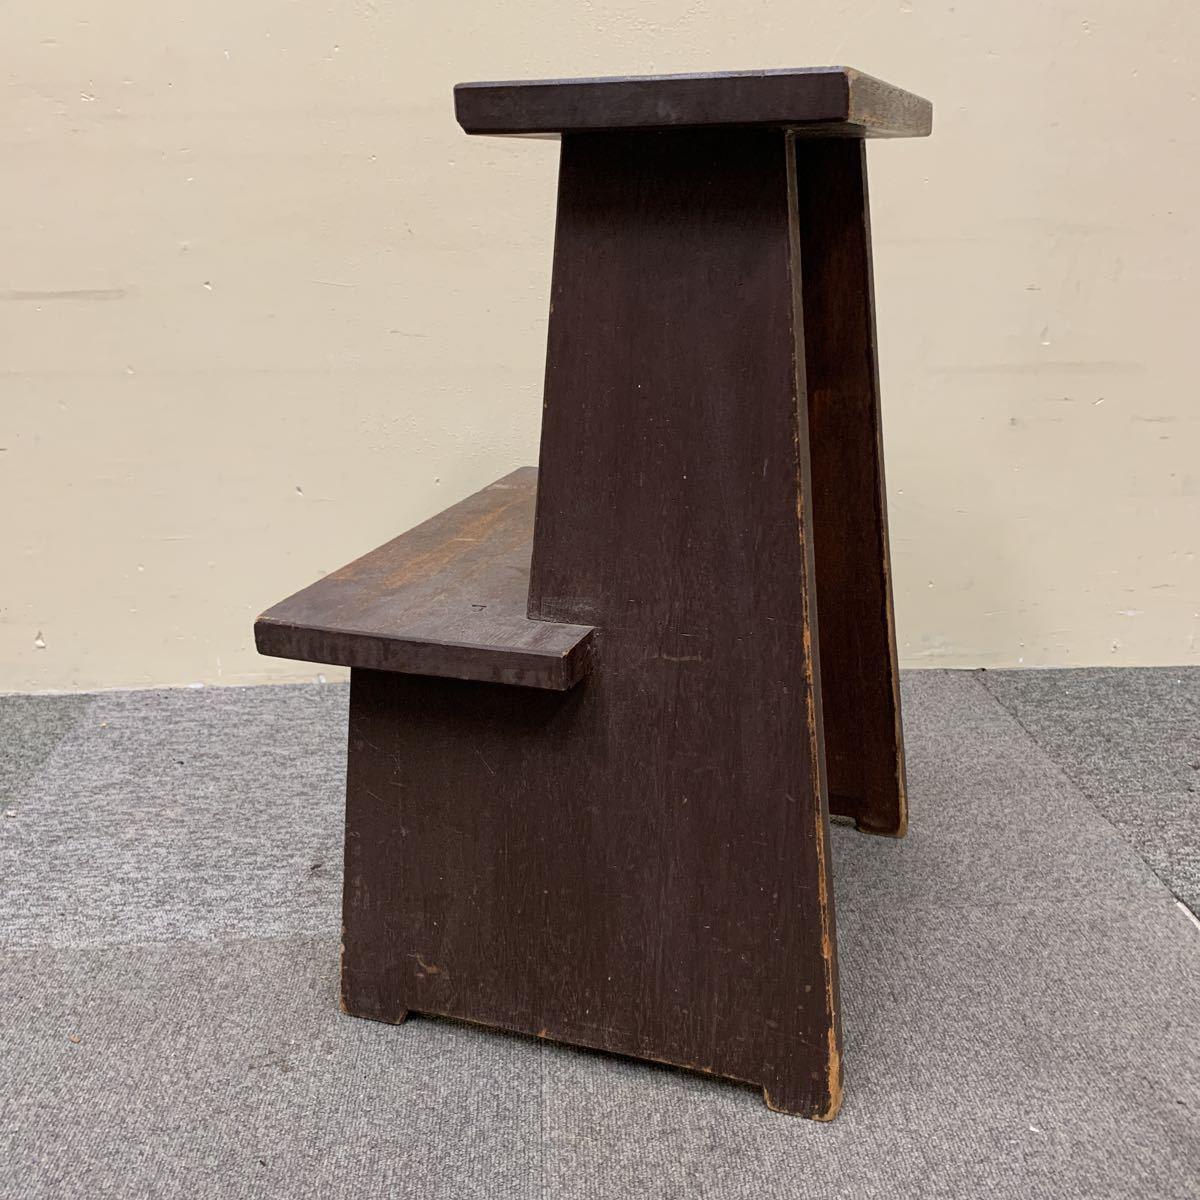 * 木製 スツール 踏み台 飾り棚 花台 ステップ ディスプレイ 陳列台 レトロ アンティーク 格安売り切りスタート◎_画像4